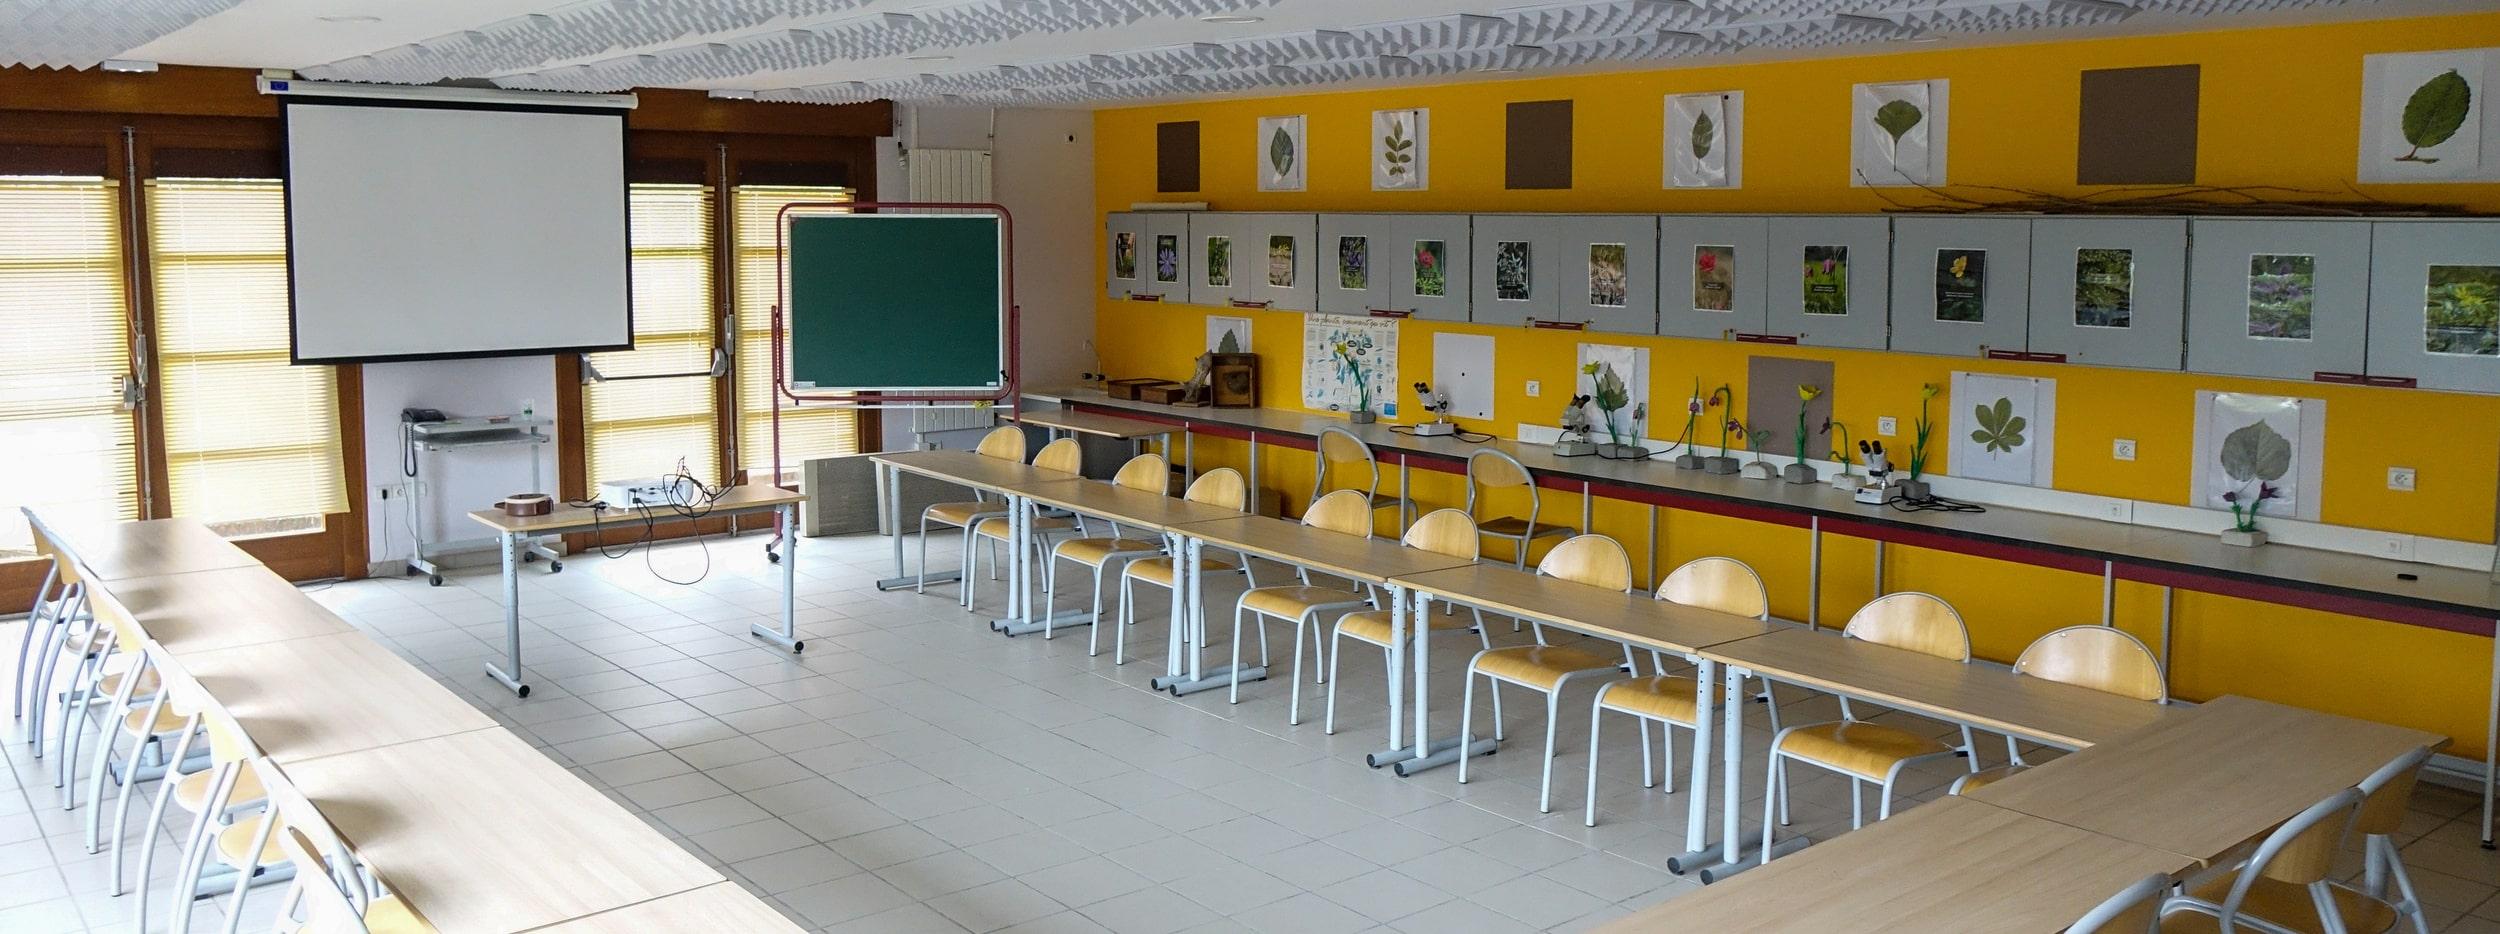 Atelier de botanique du CBNBL, salle de réunion en location - vue centrale